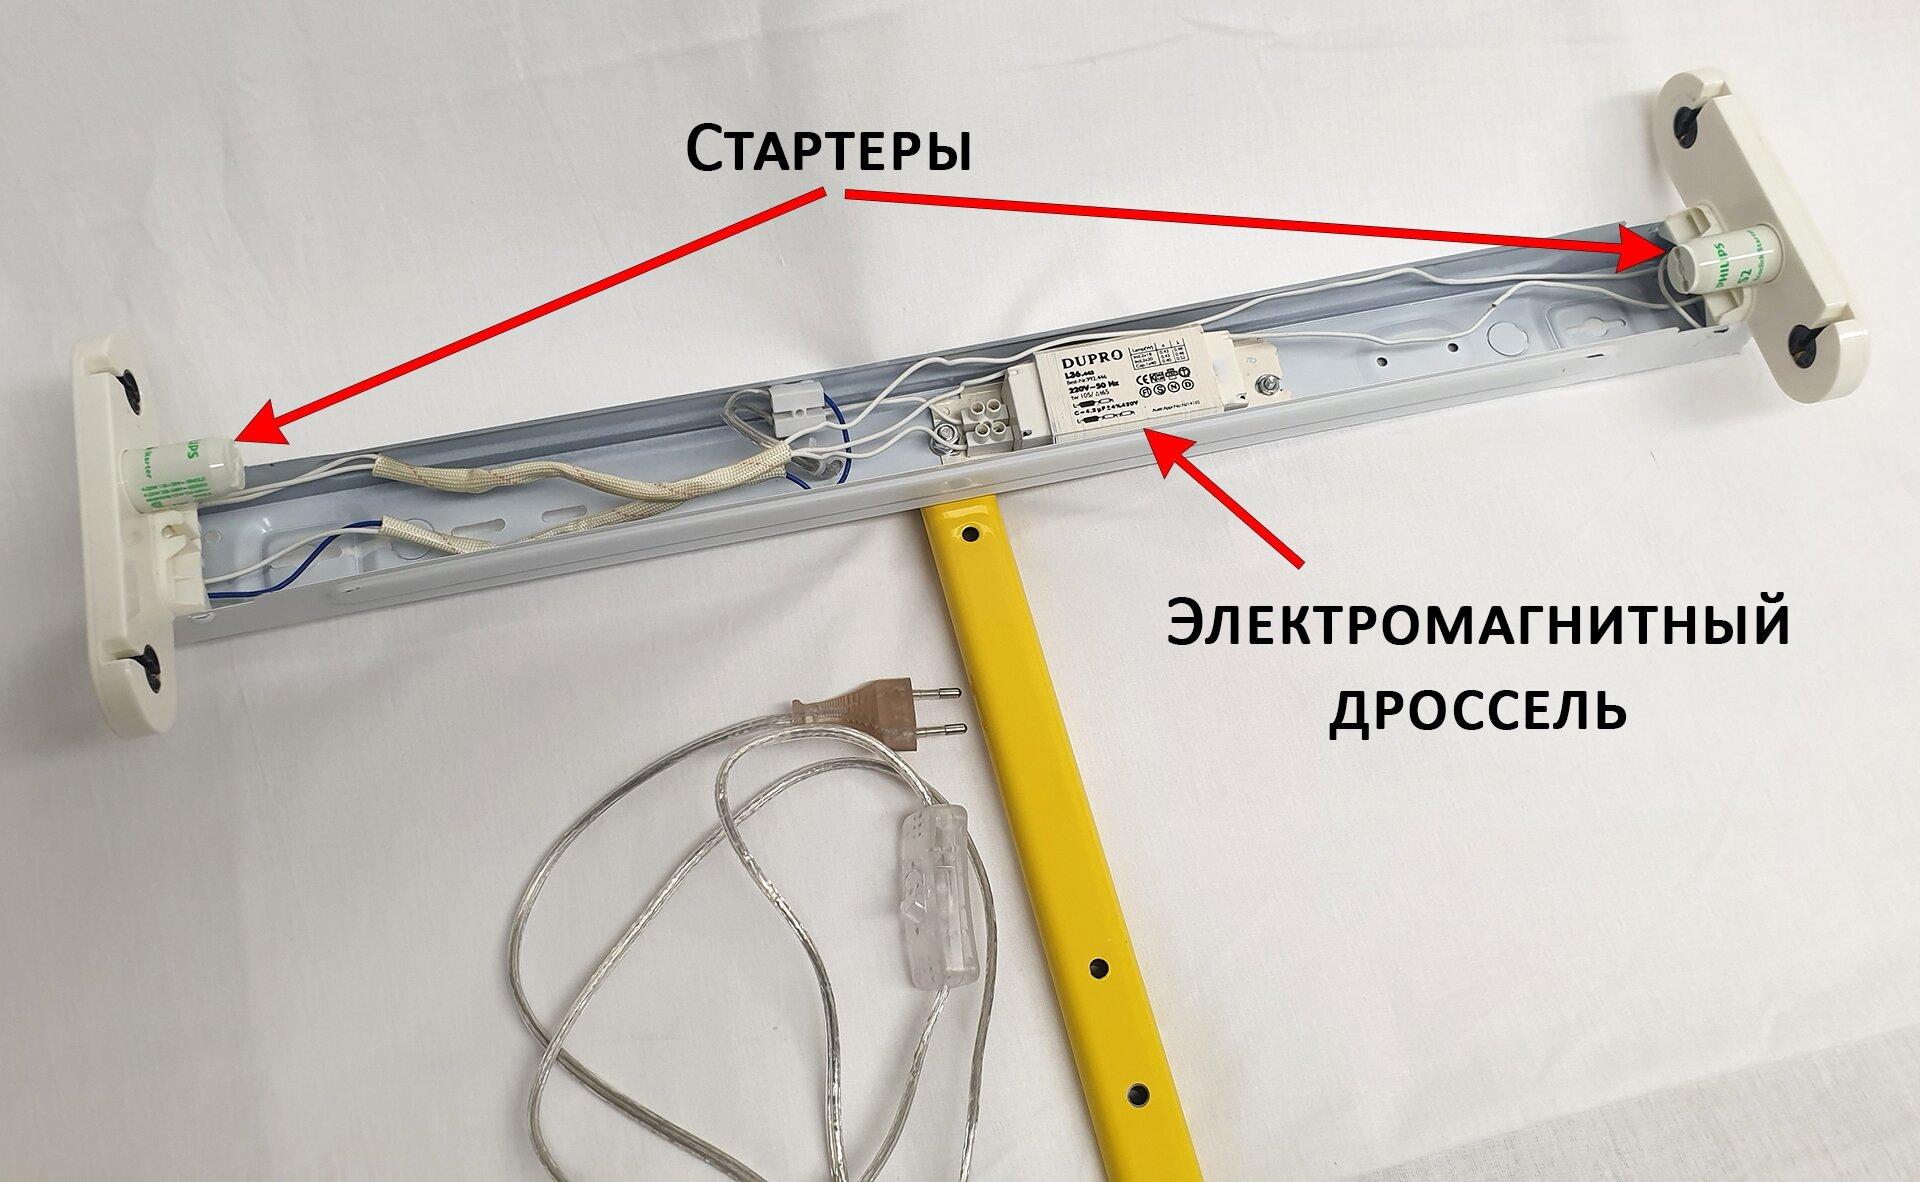 Расположение стартеров в светильнике с эл/магн. дросселем